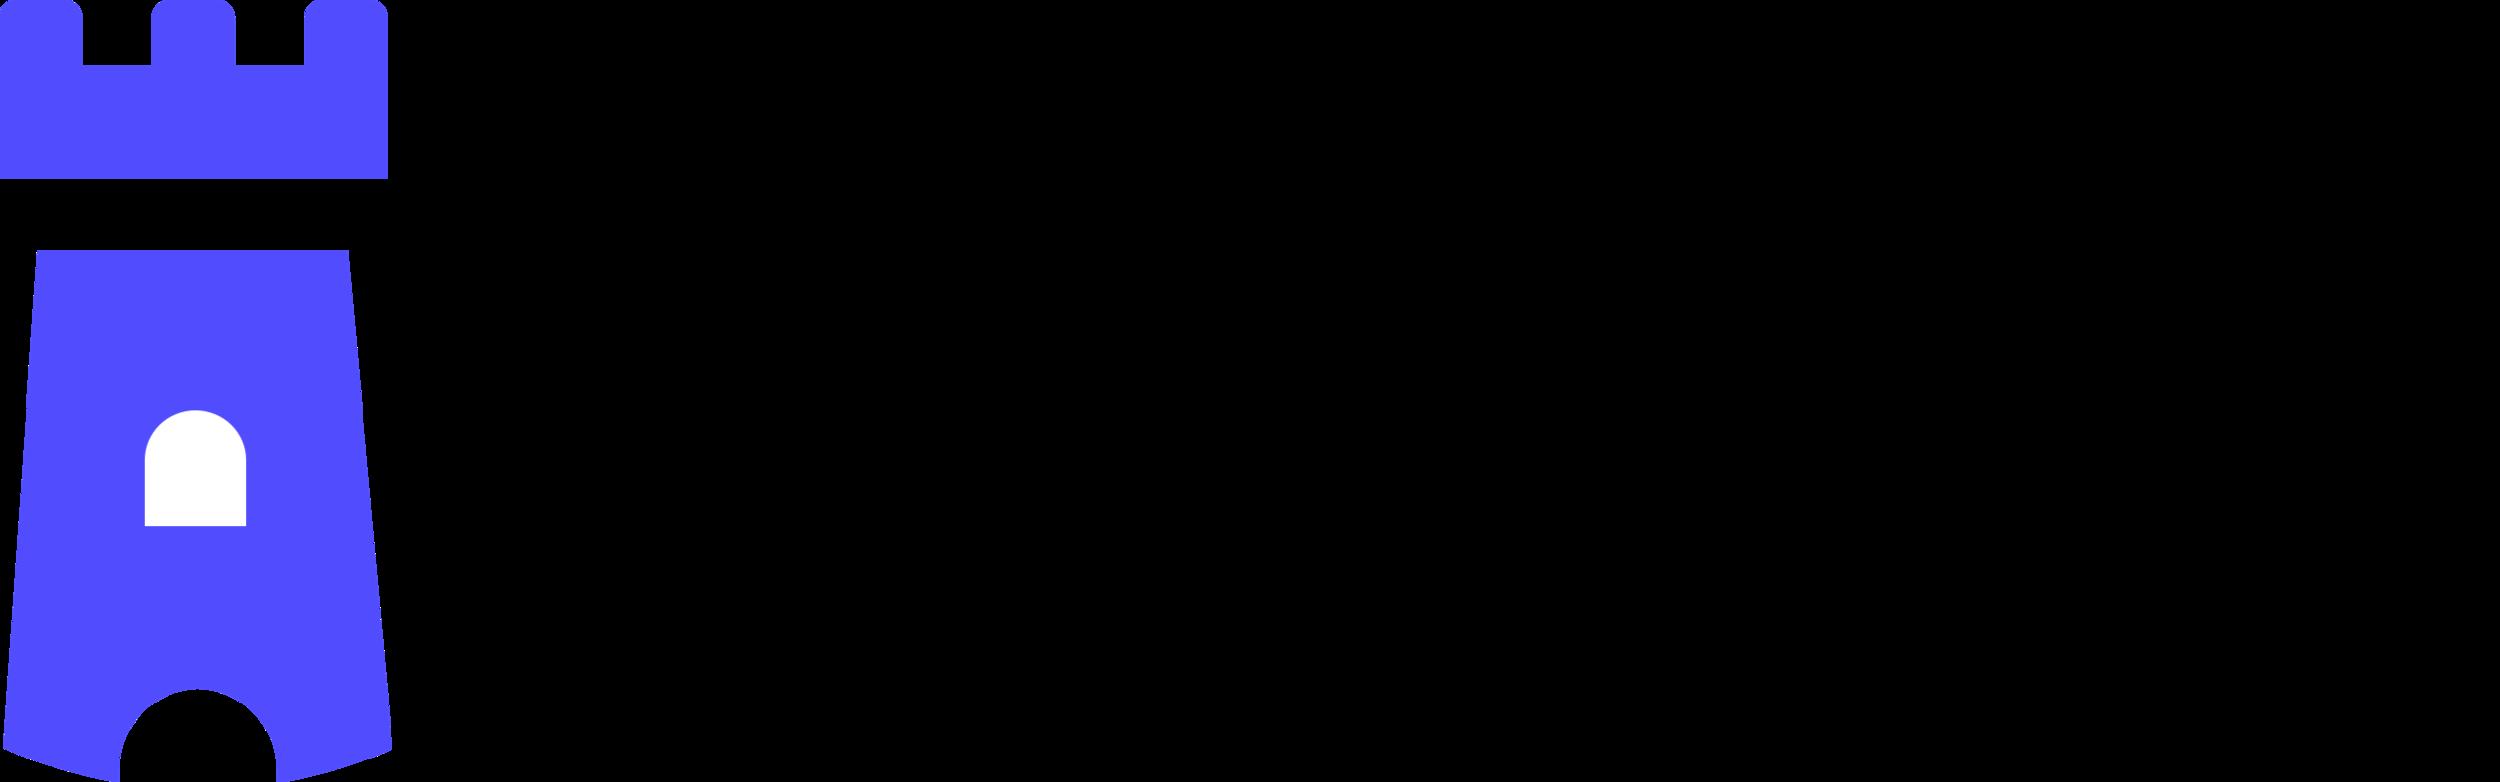 black-logo-5x-noai.png